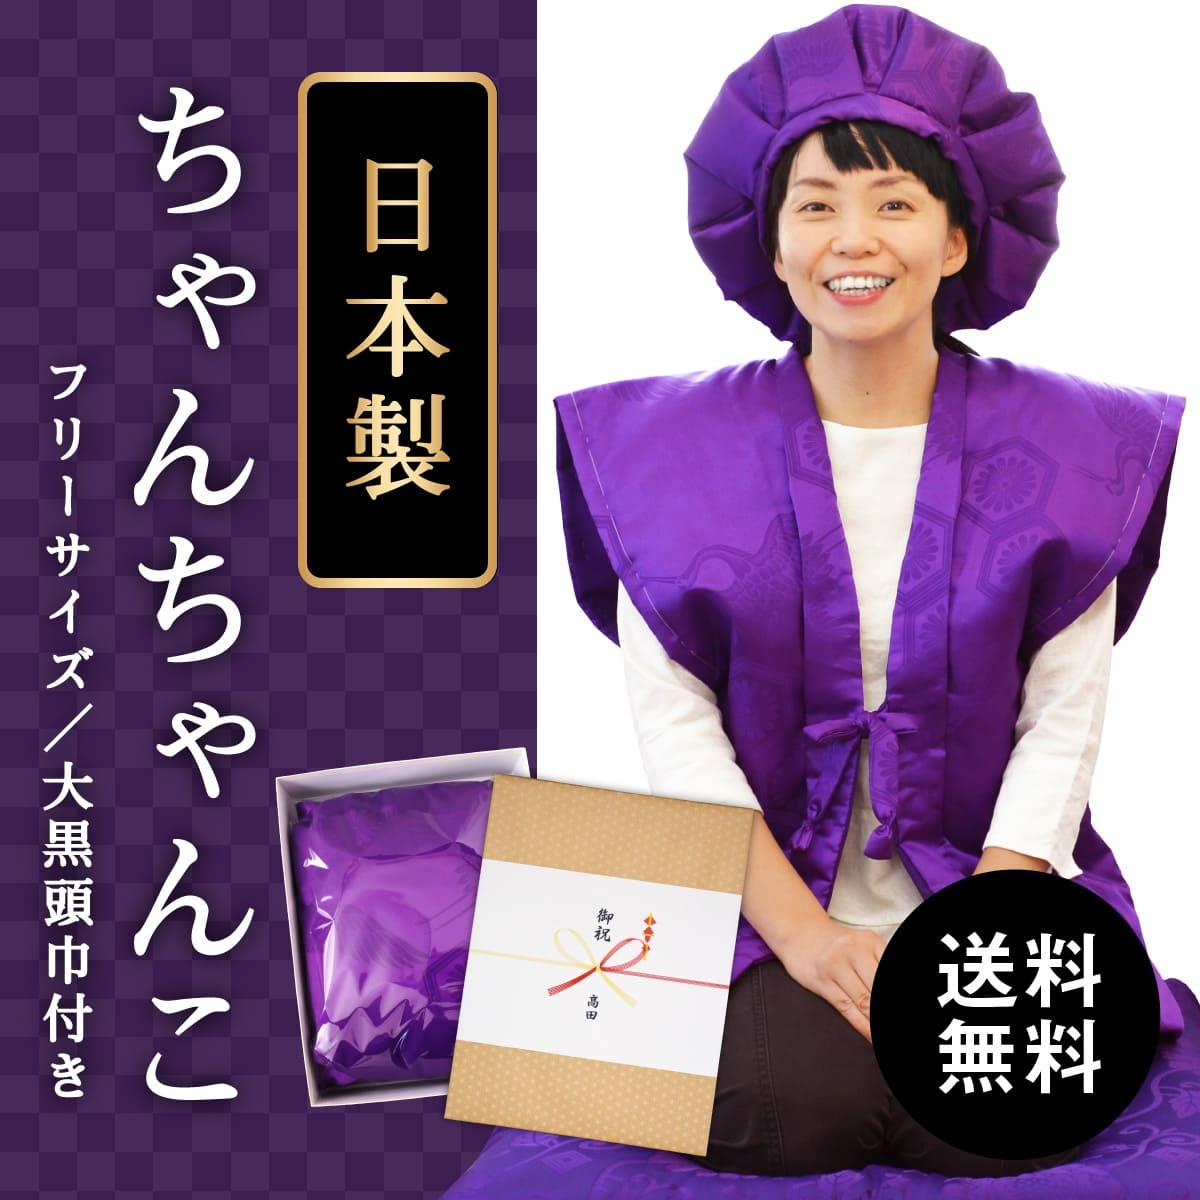 古希祝い用の紫色ちゃんちゃんこ